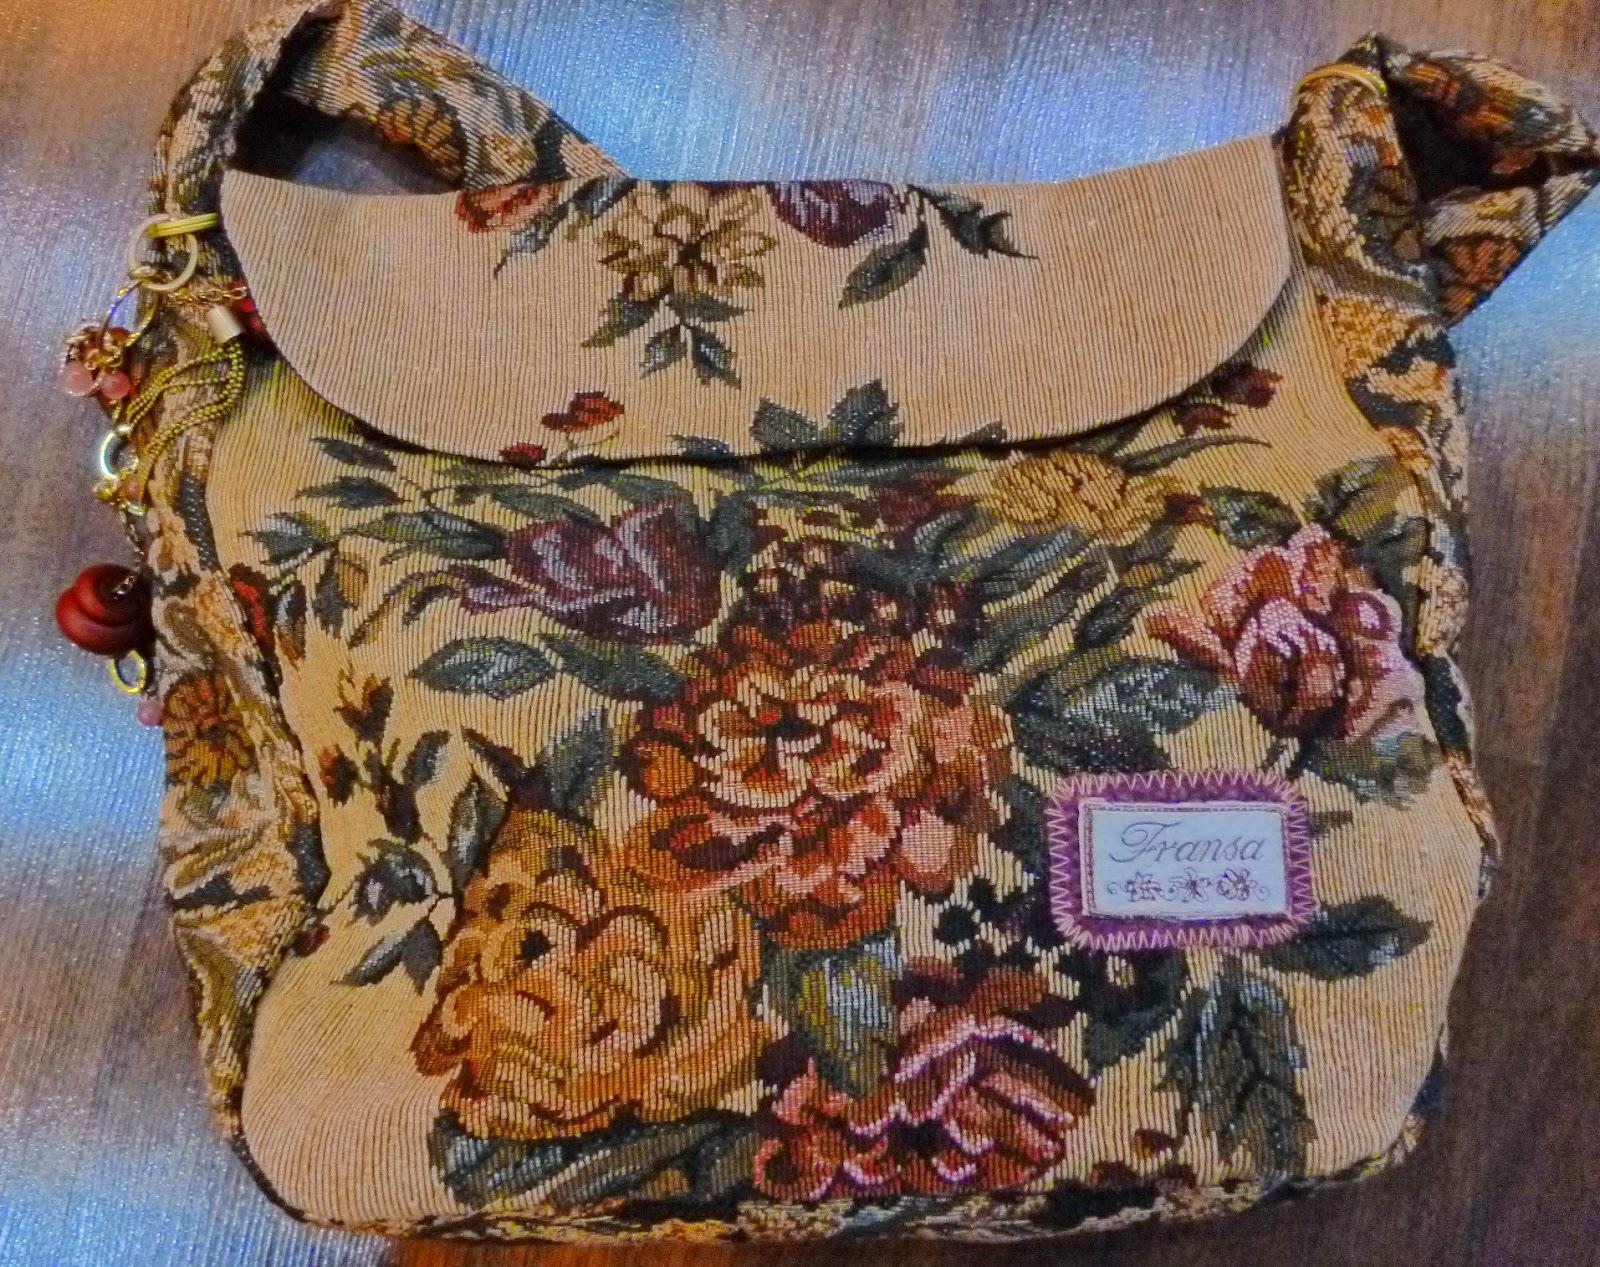 Женская сумка своими руками из гобелена - Женская сумка из гобелена. Как сшить своими руками?